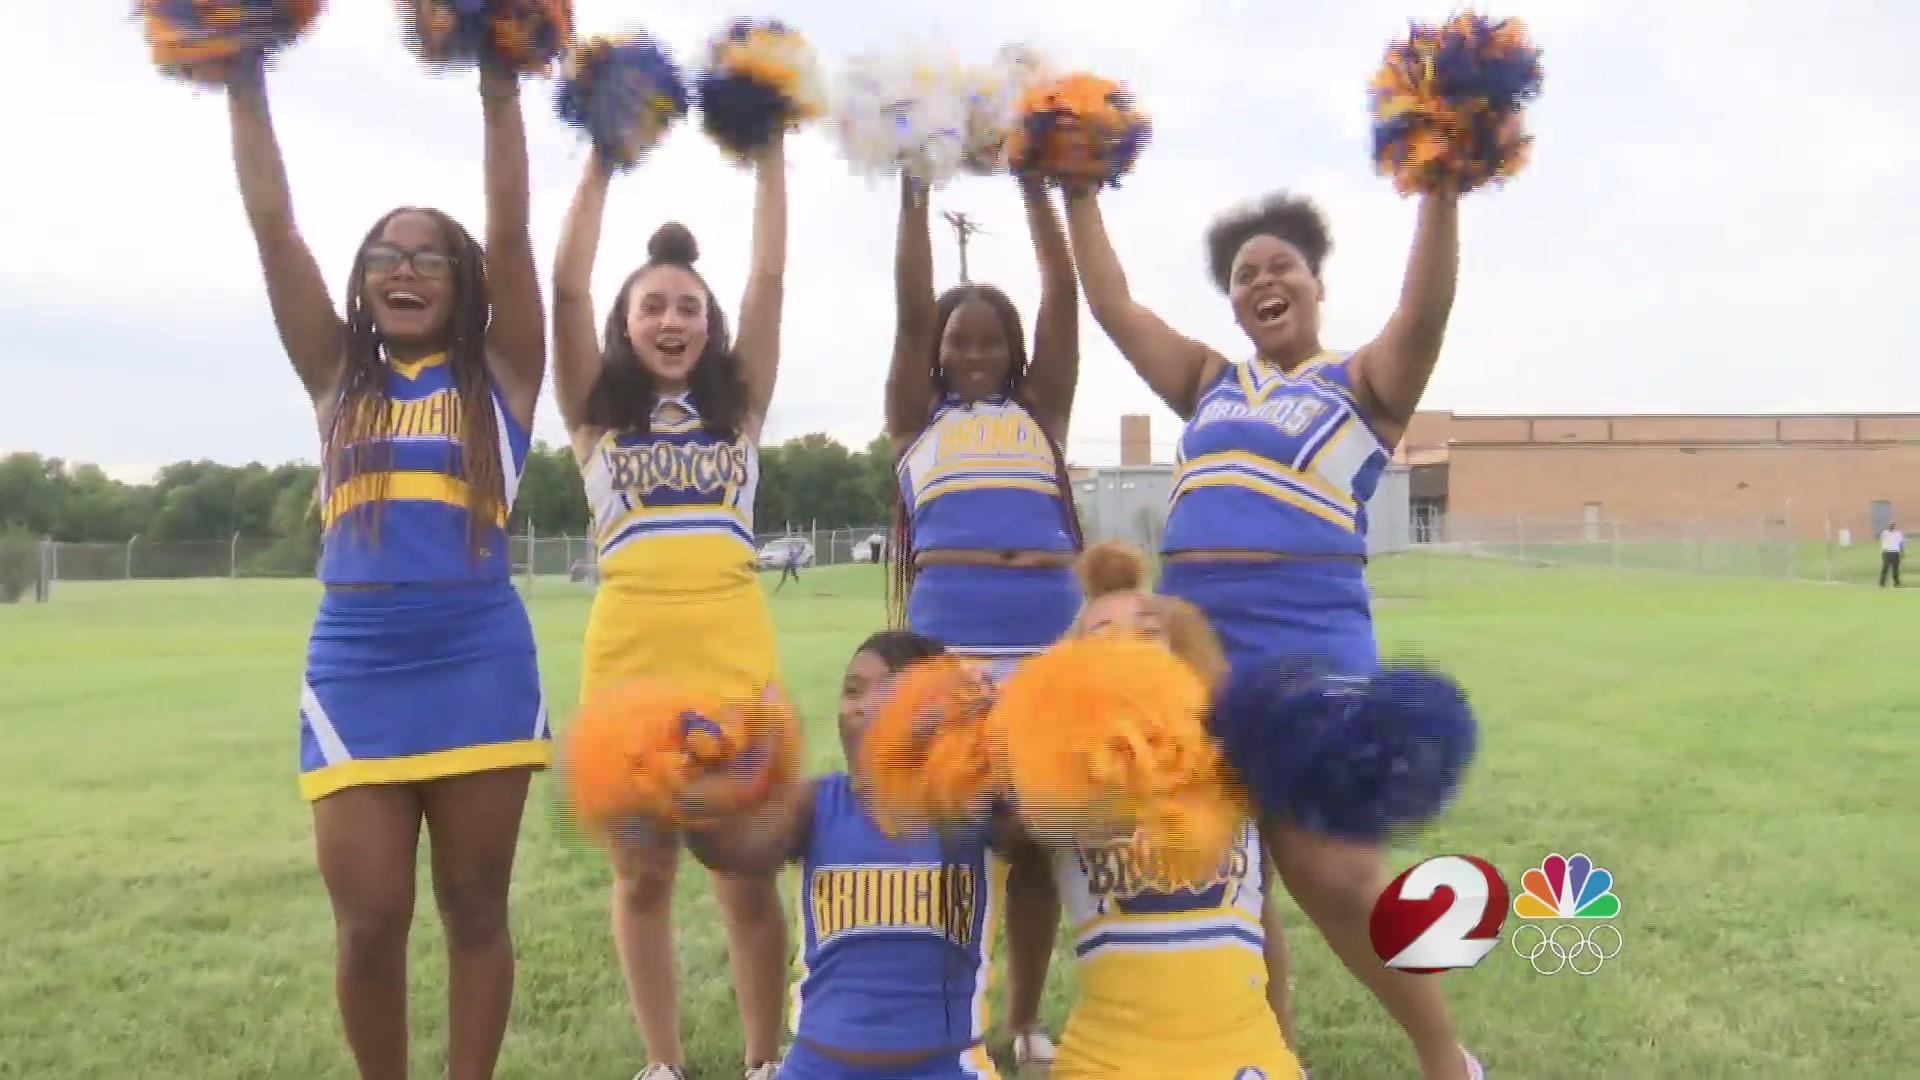 8-30 Cheerleaders of the Week- Jefferson Twp